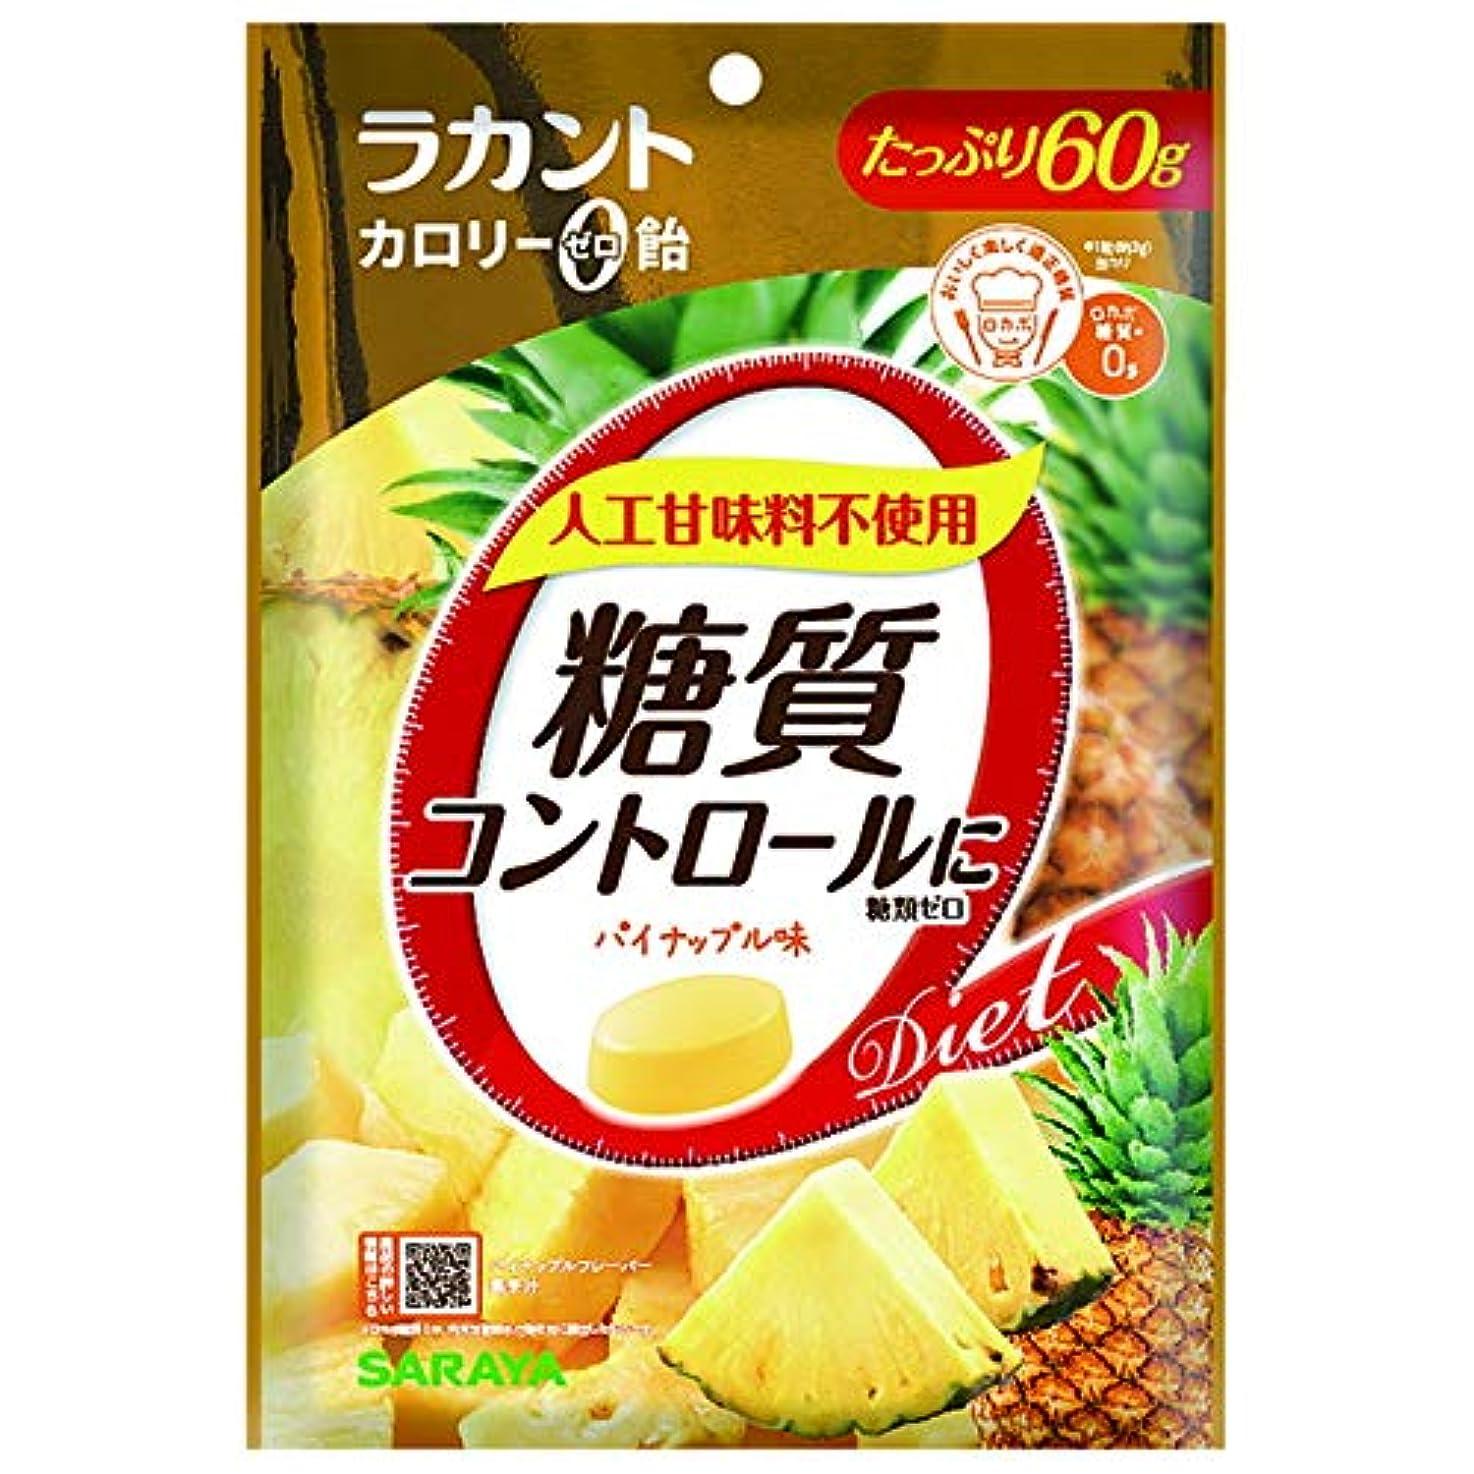 太陽健康転送ラカント カロリーゼロ飴 パイナップル 60g【3個セット】